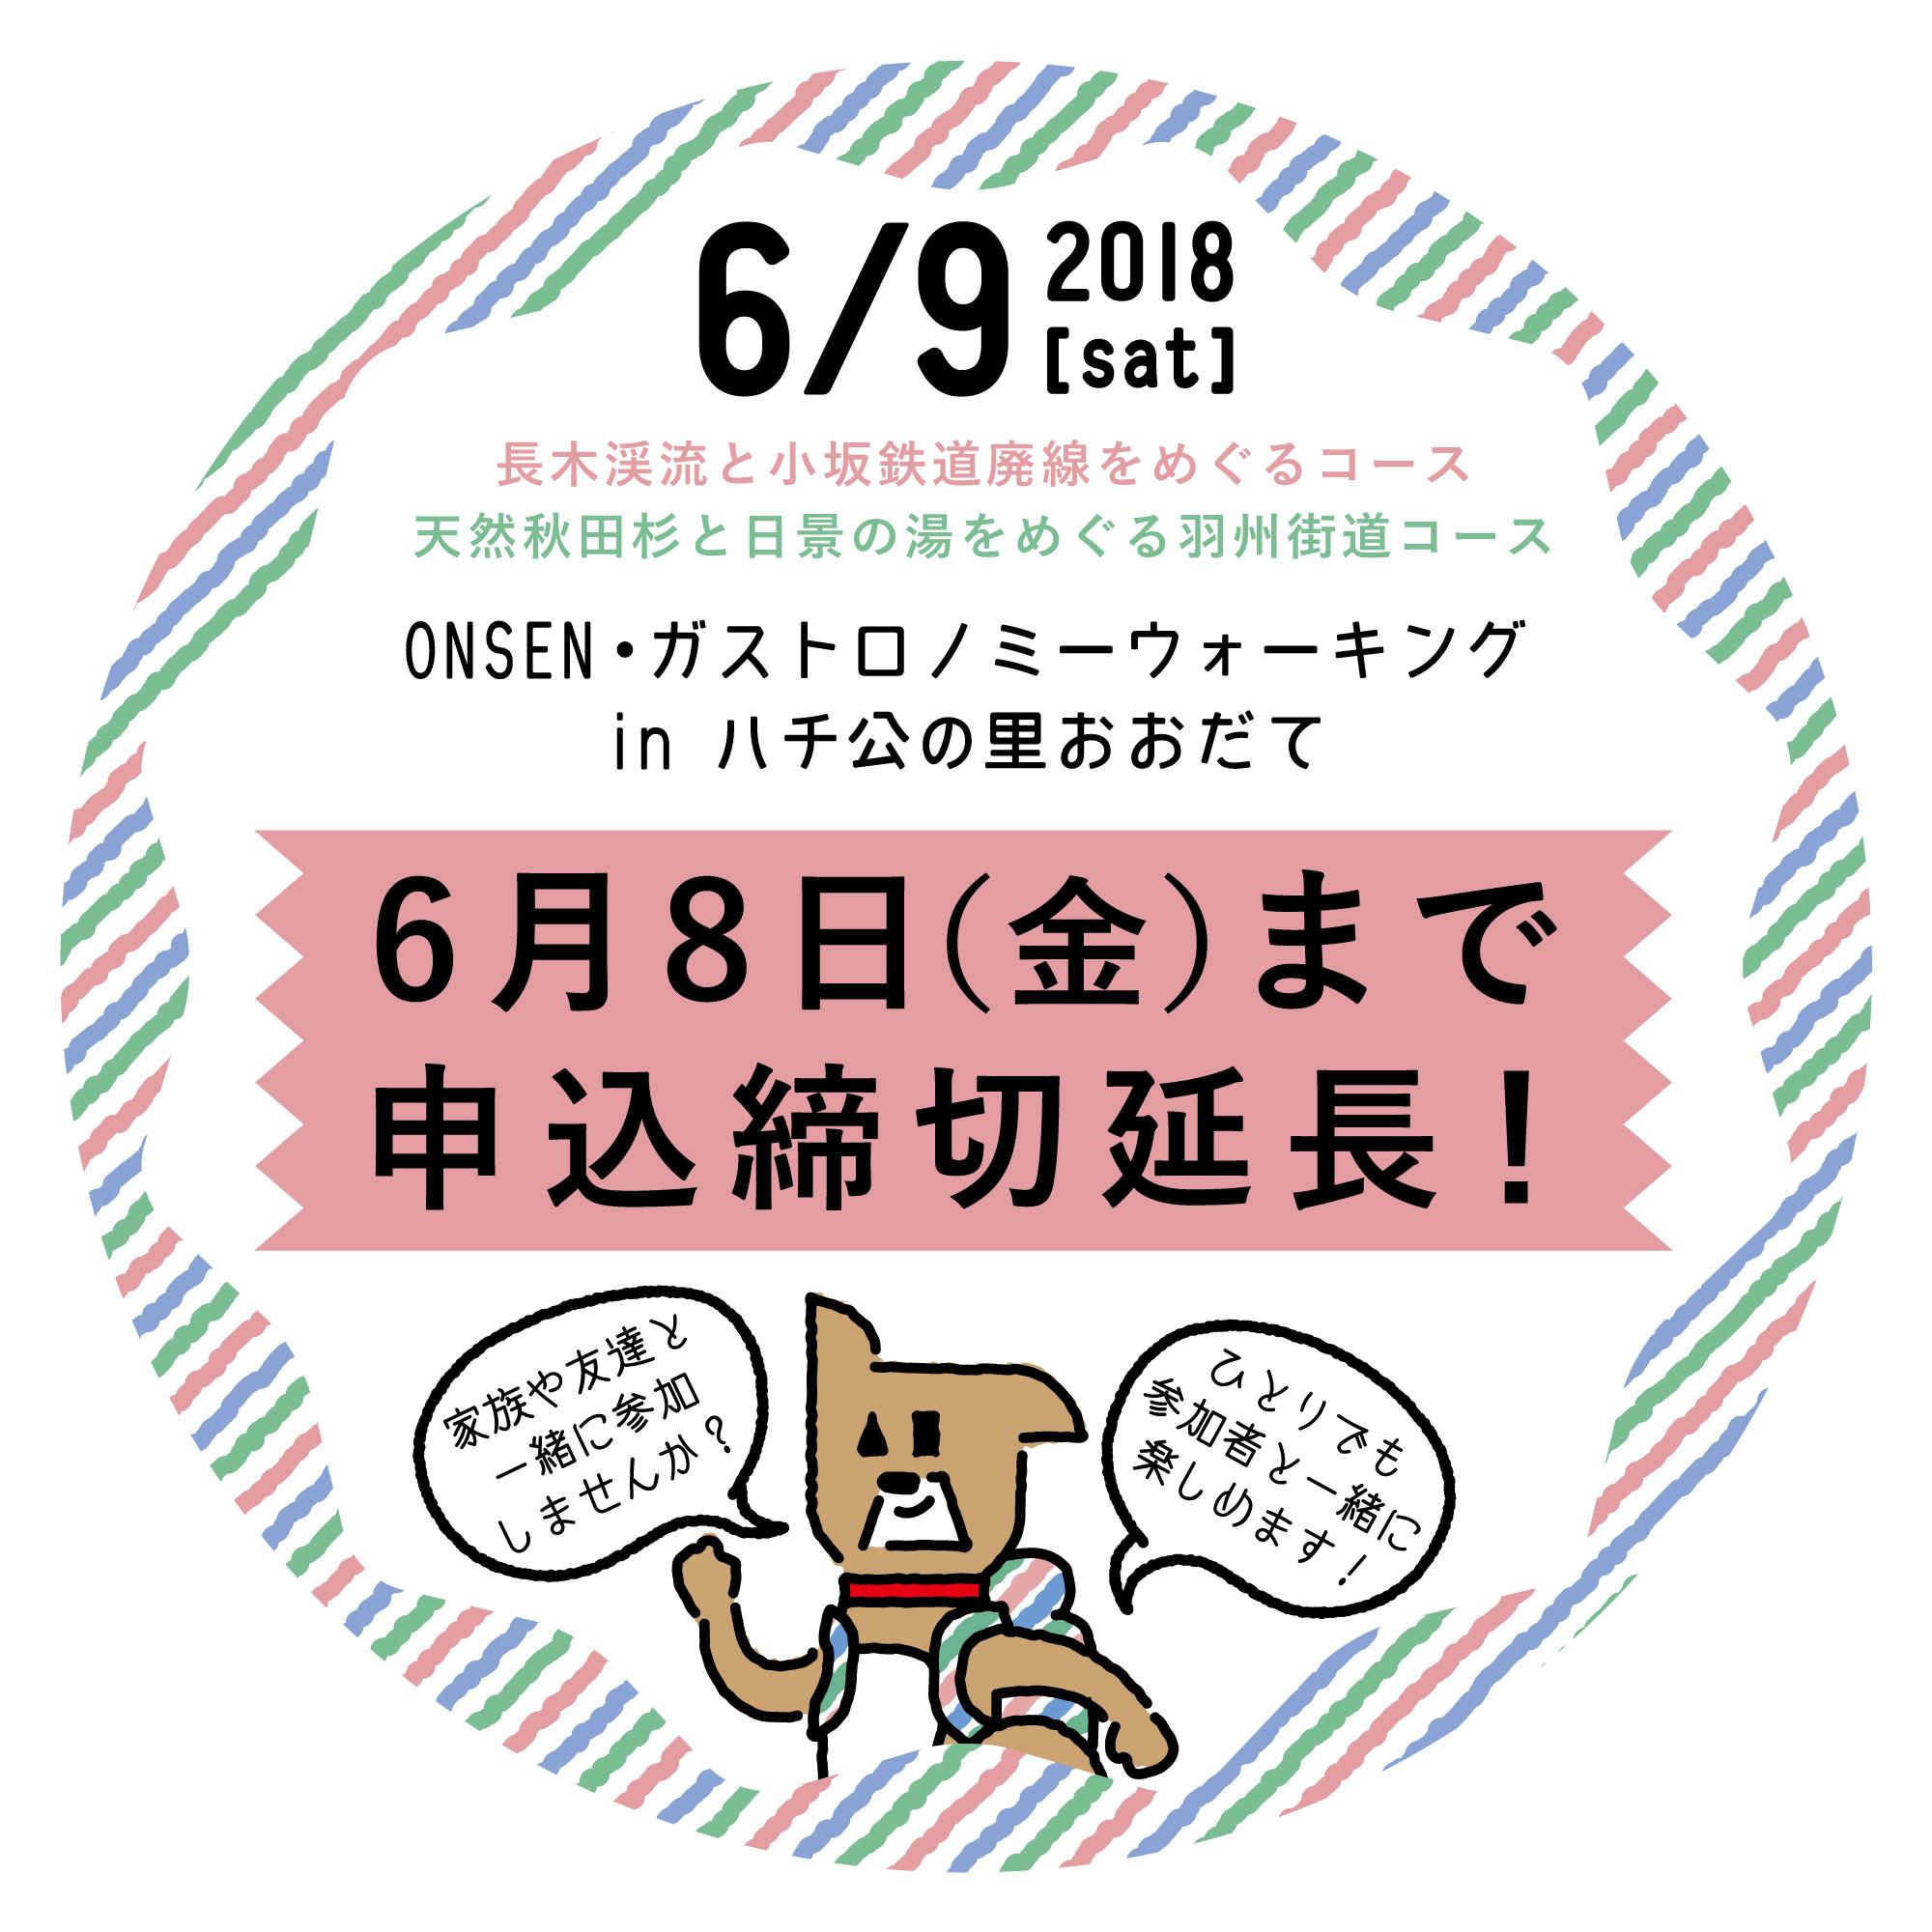 6月8日(金)まで申込締切延長!